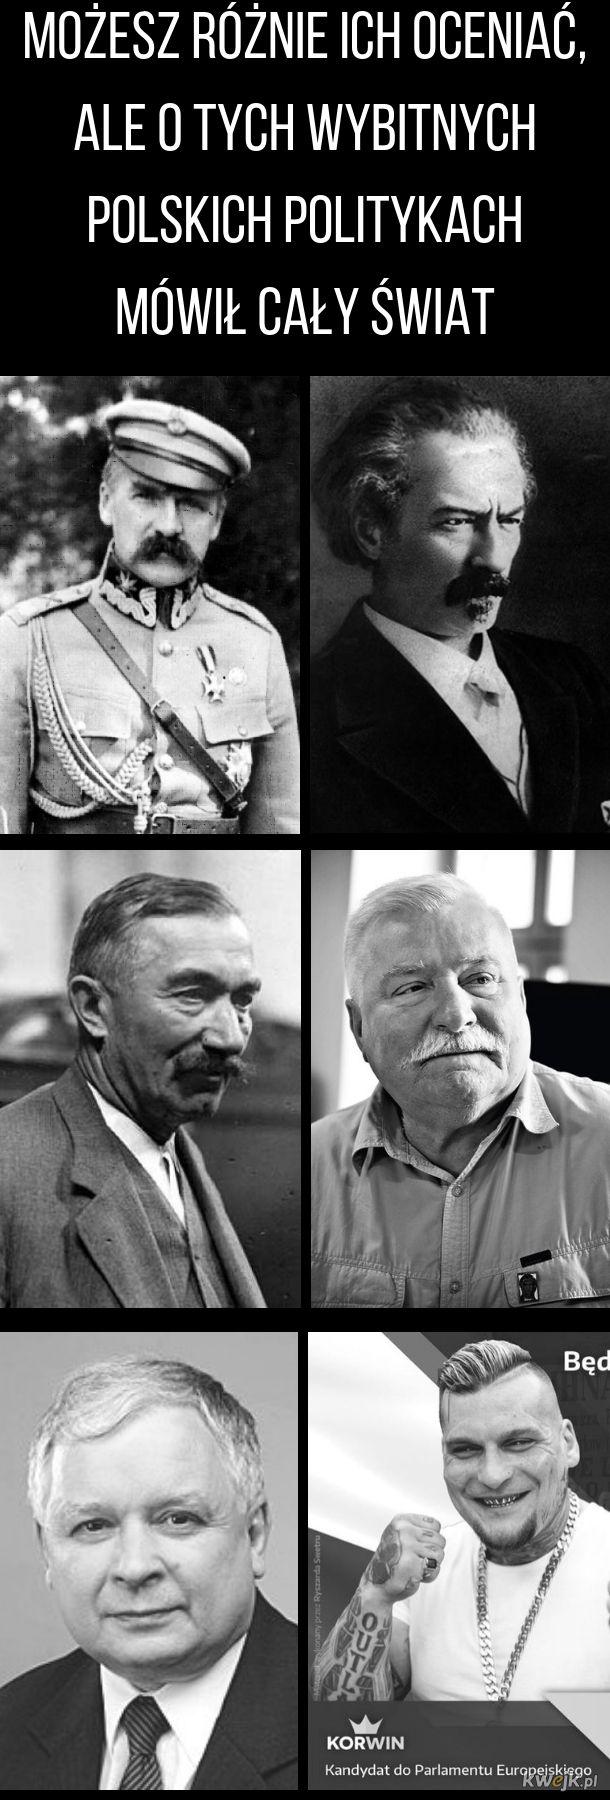 Wybitni polscy politycy